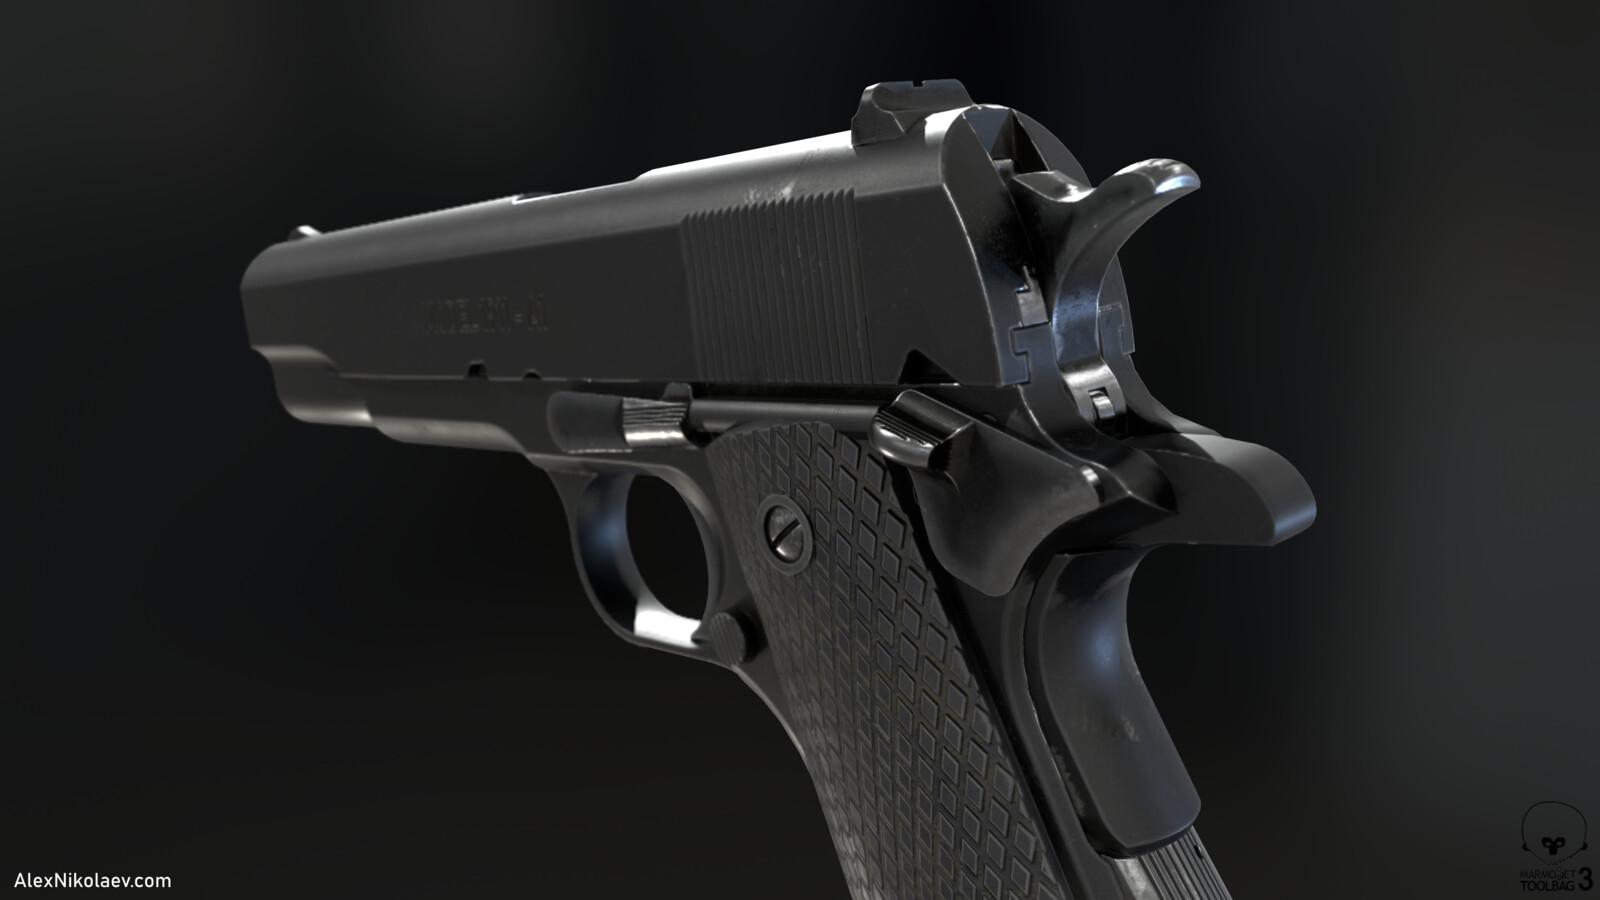 Colt 1911 - Gun Study